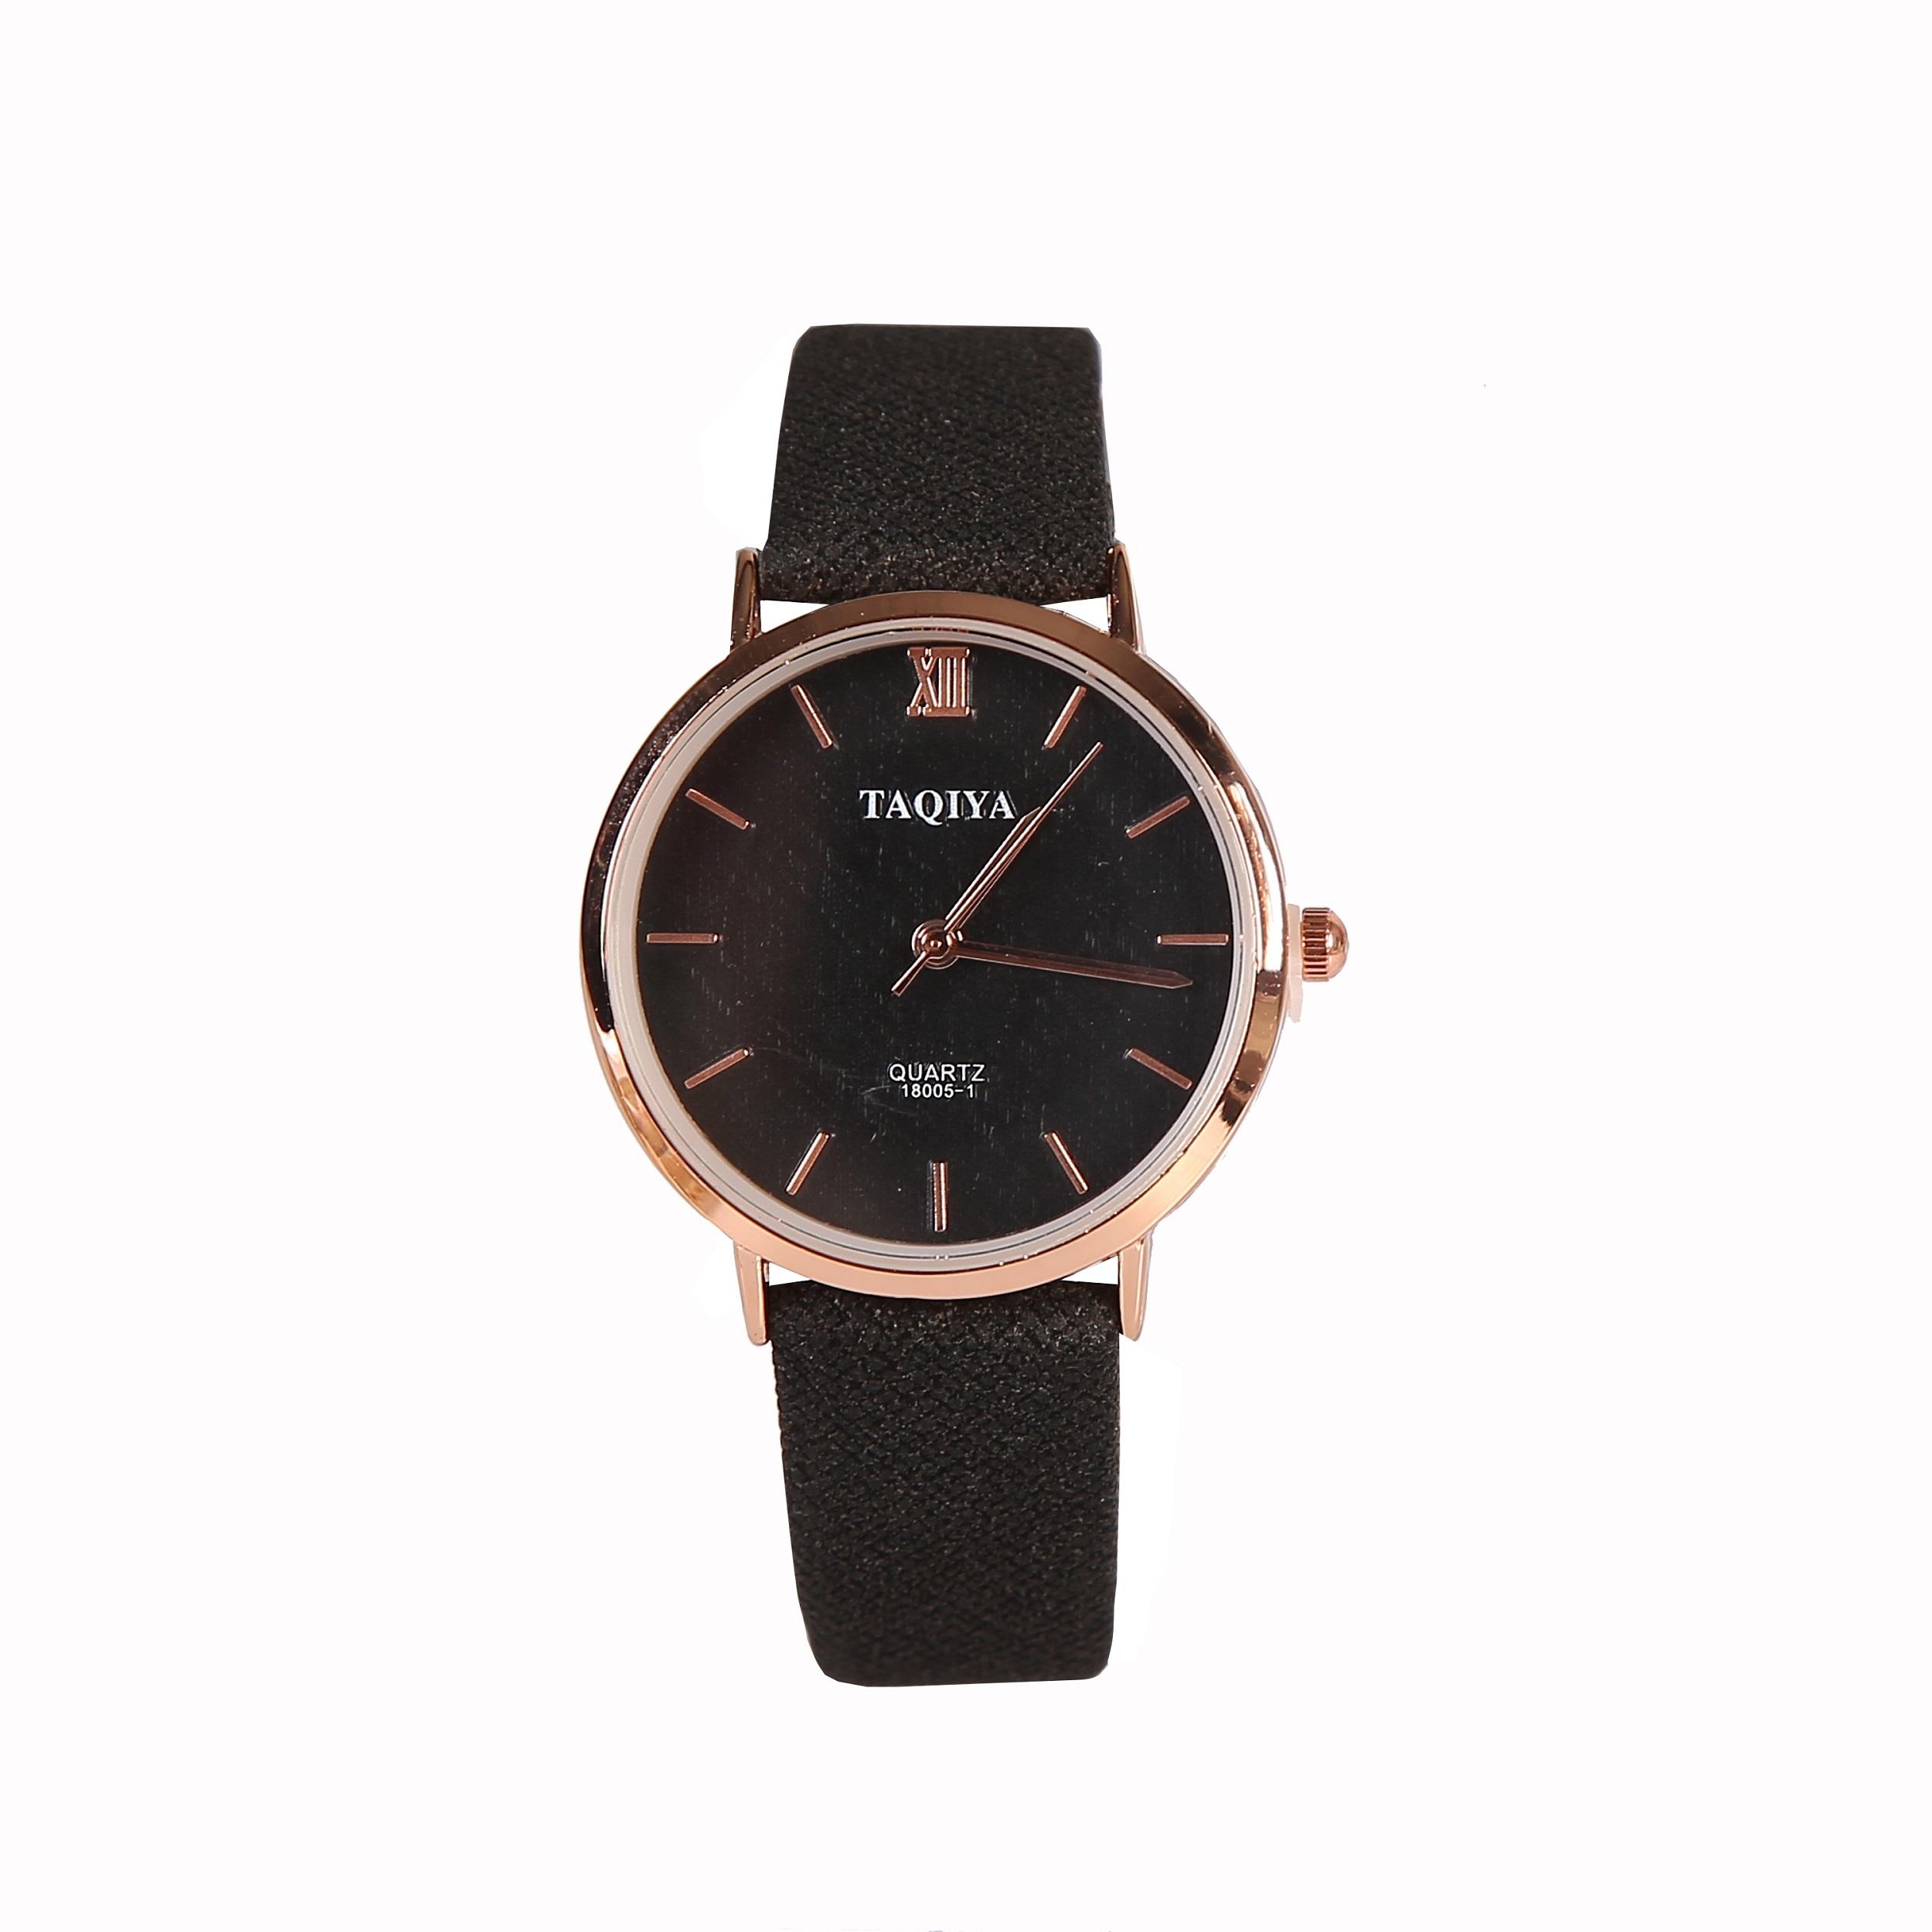 ساعت مچی عقربه ای زنانه تاکیا مدل 6231